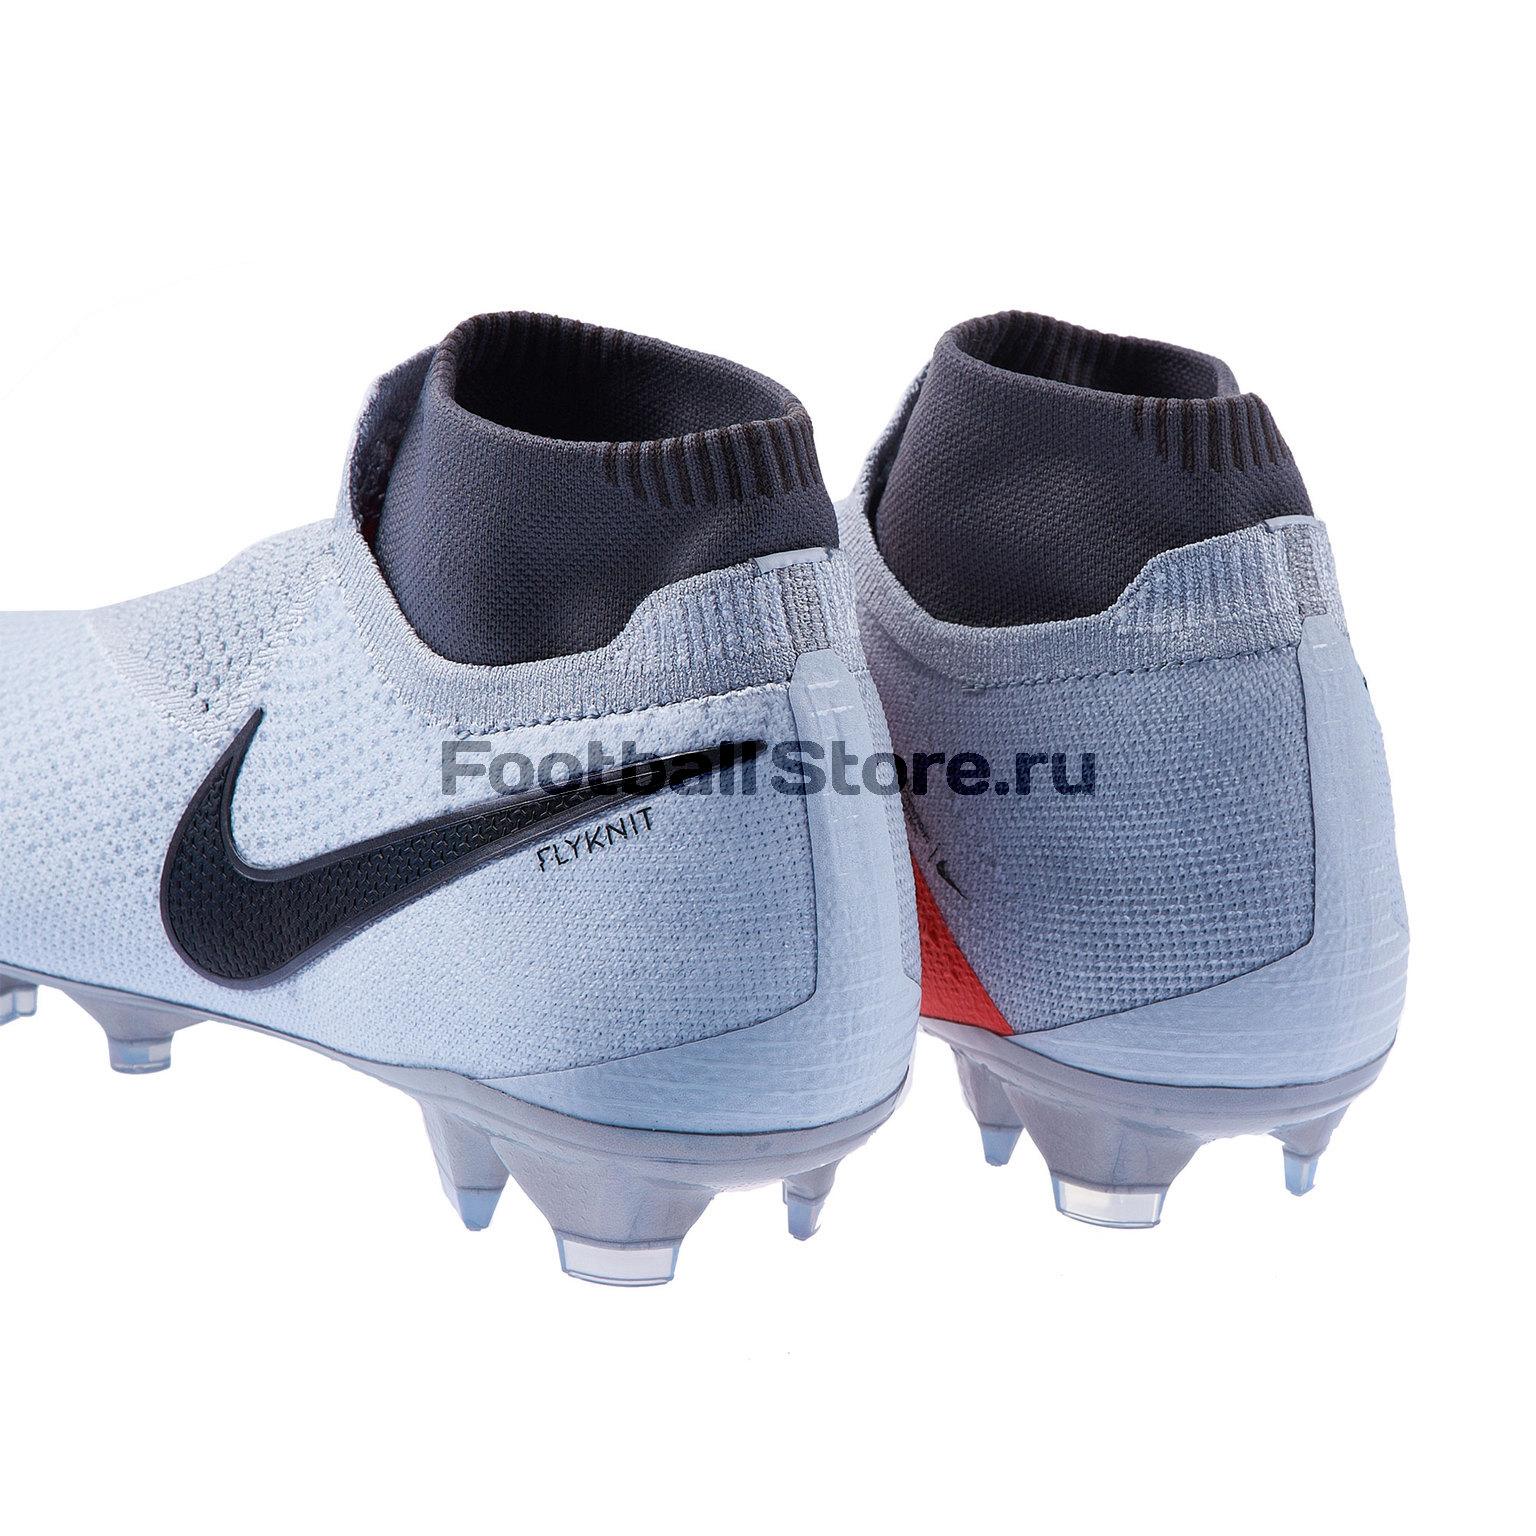 Бутсы Nike Phantom Vision Elite DF FG AO3262-060 – купить бутсы в ... 8c1526ec2d7d9